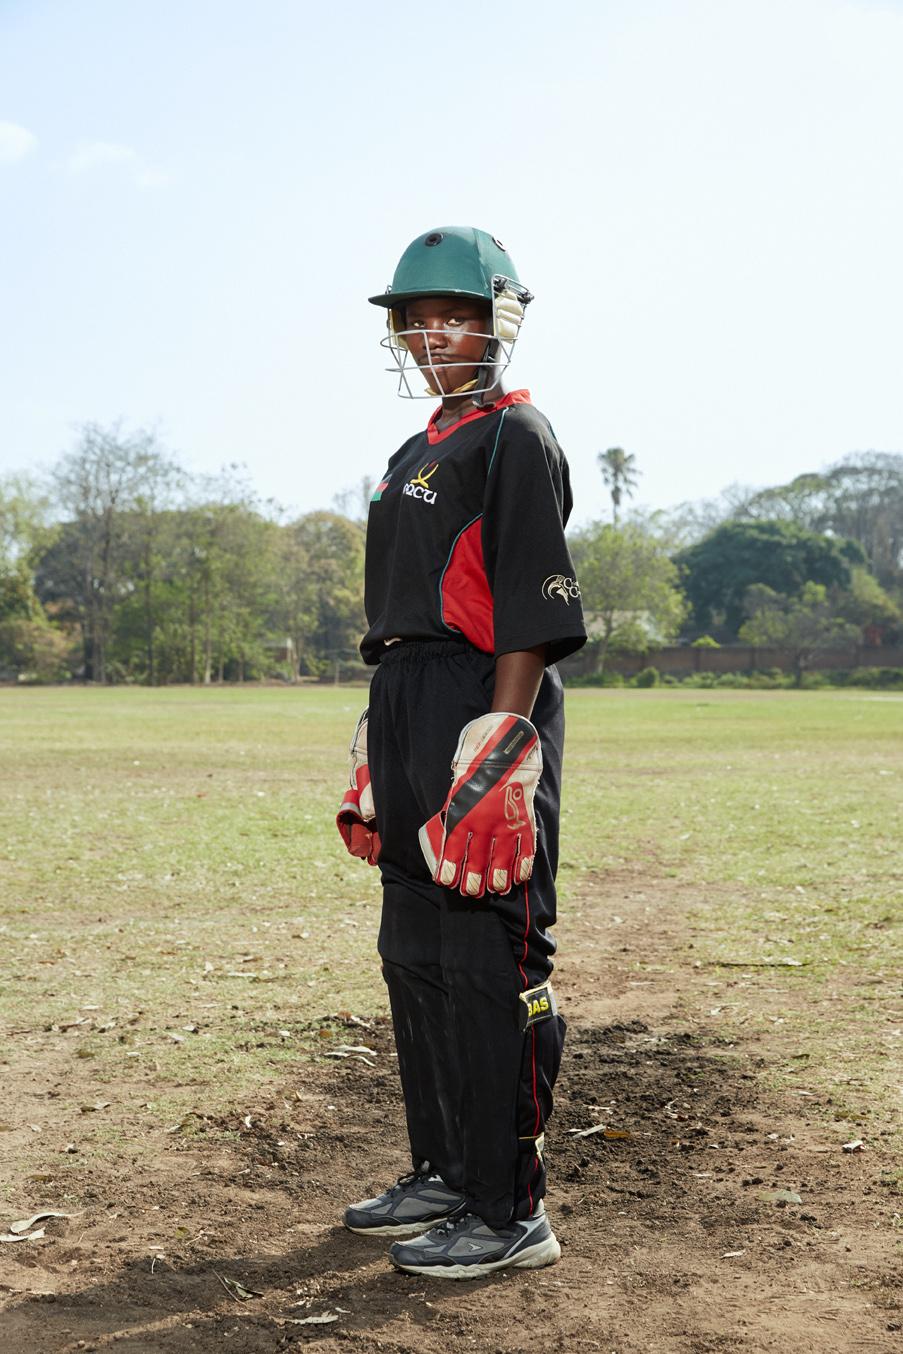 Marya Dailesi, wicket keeper / batsman